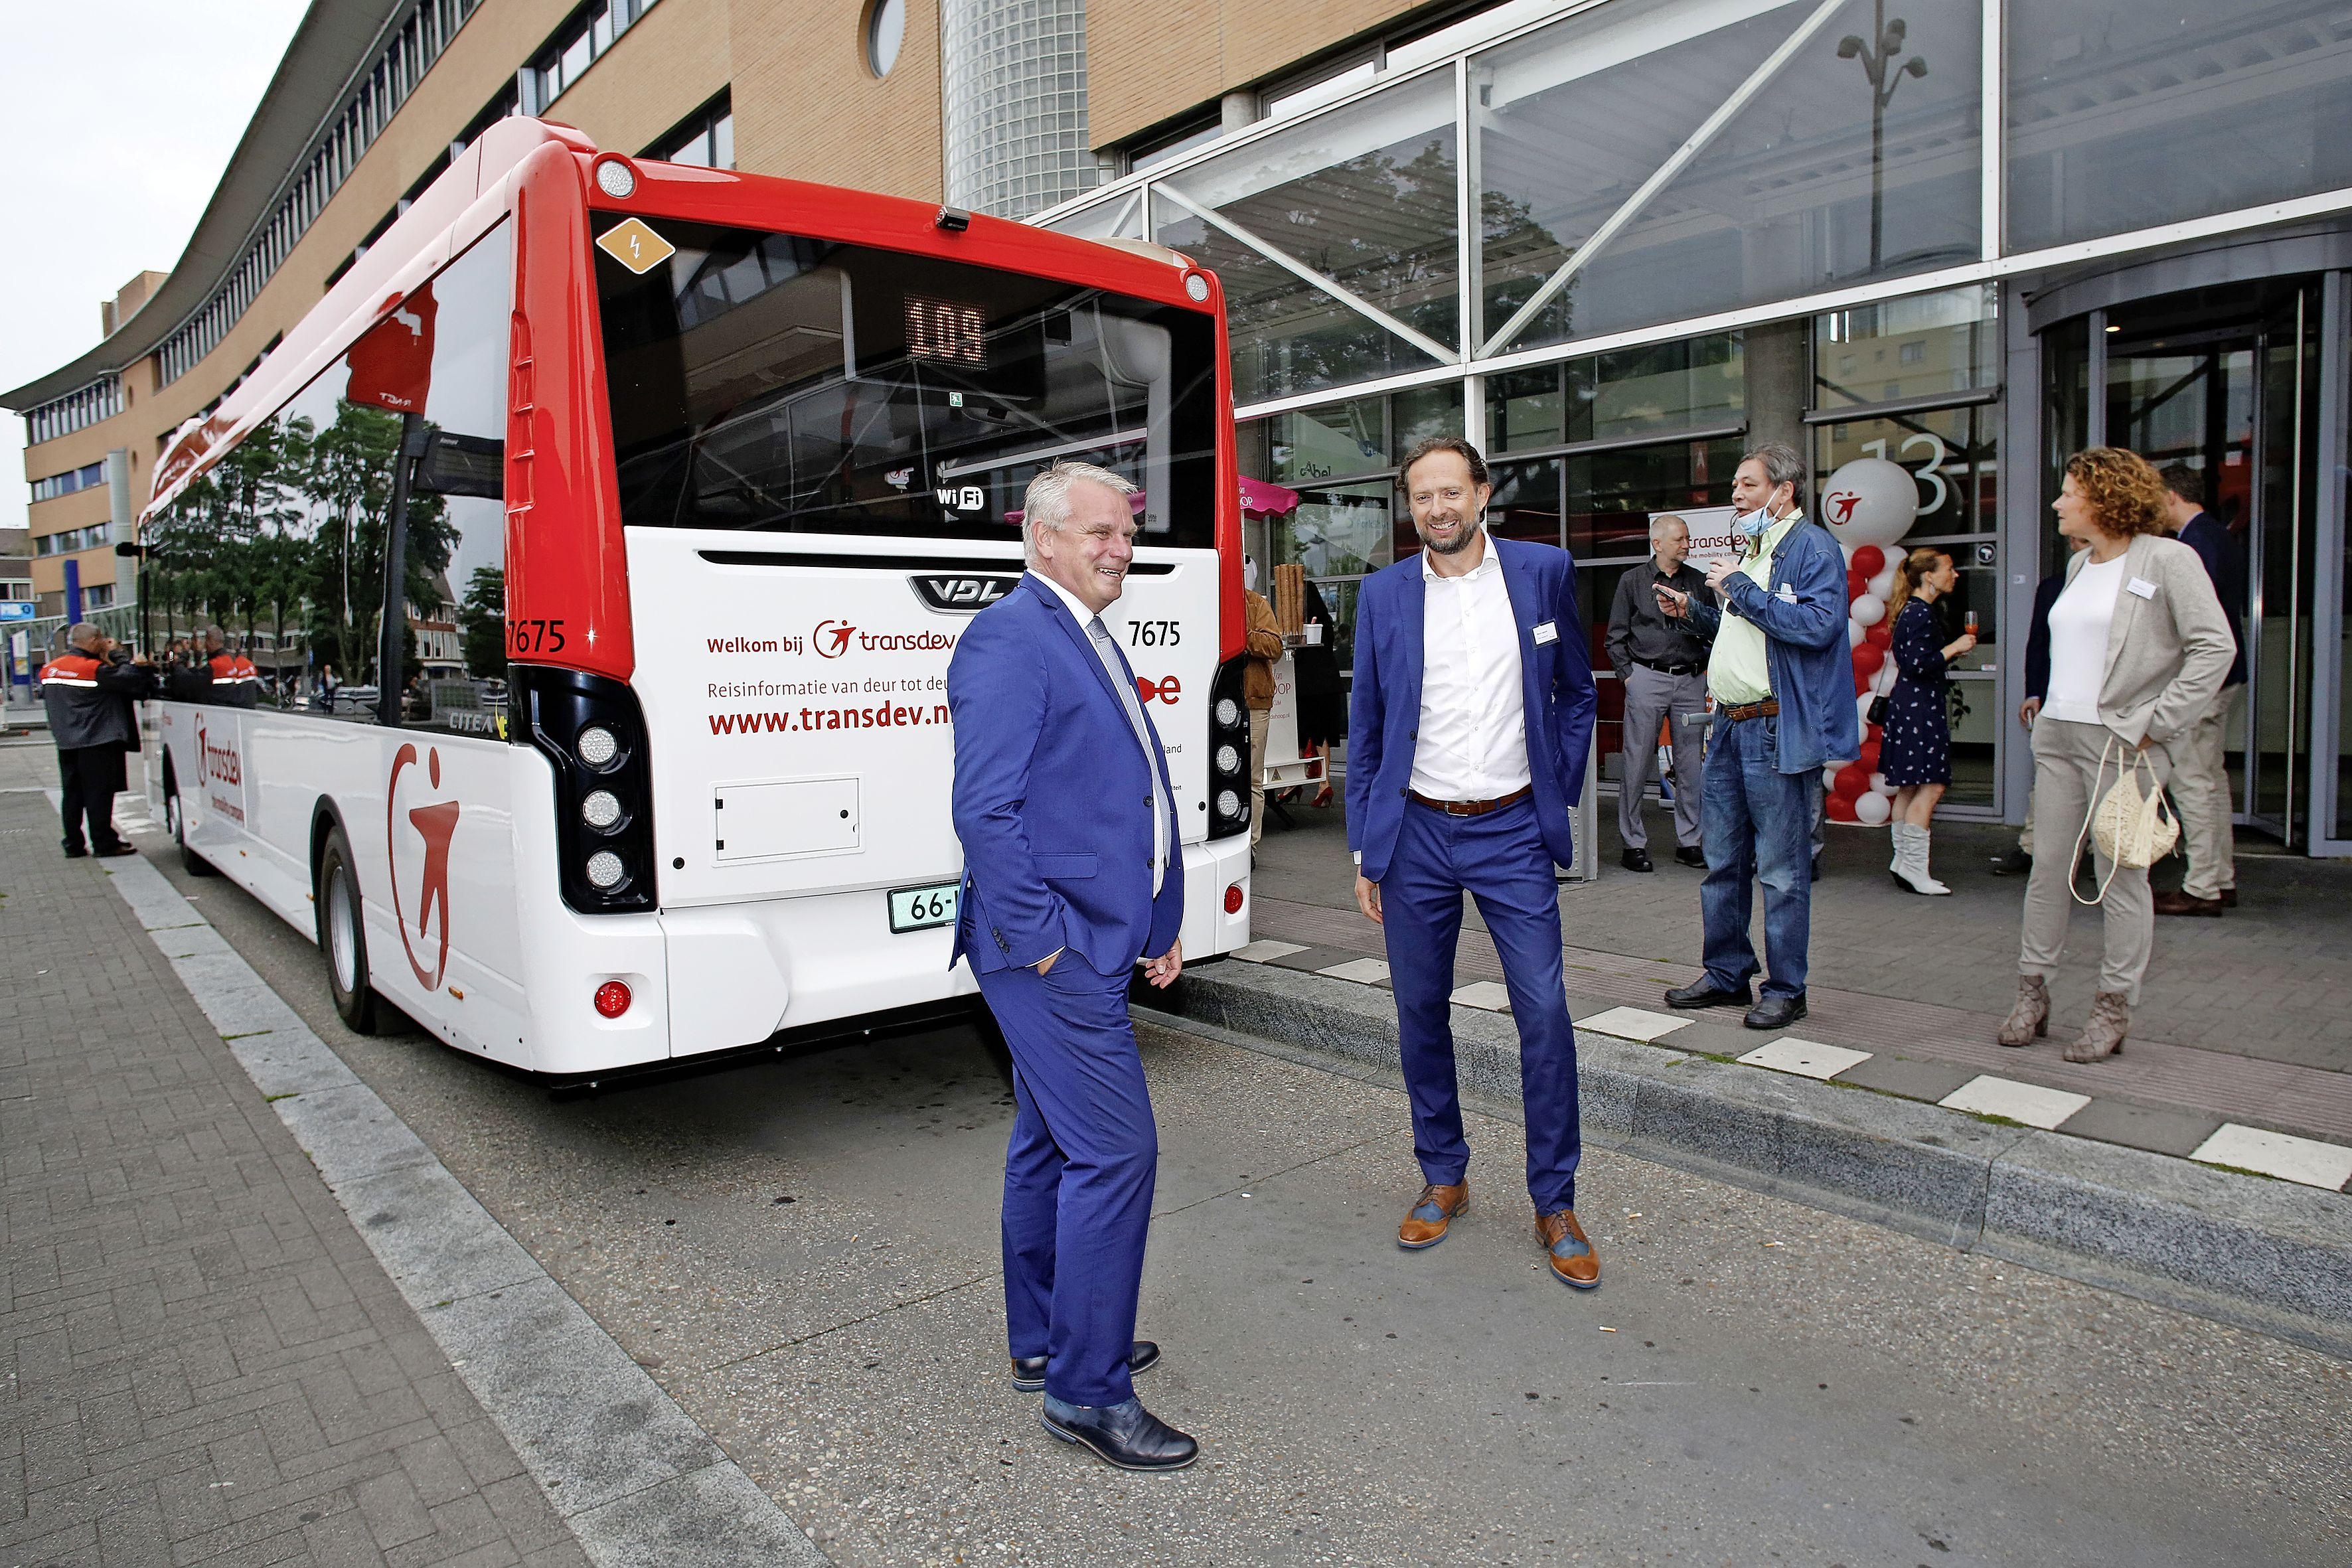 Dag Connexxion, hallo Transdev; busvervoer in de regio verschiet van kleur en wordt stil. Reizigers wacht eerlijker tarieven voor ov-reizen in Gooi en Vechtstreek